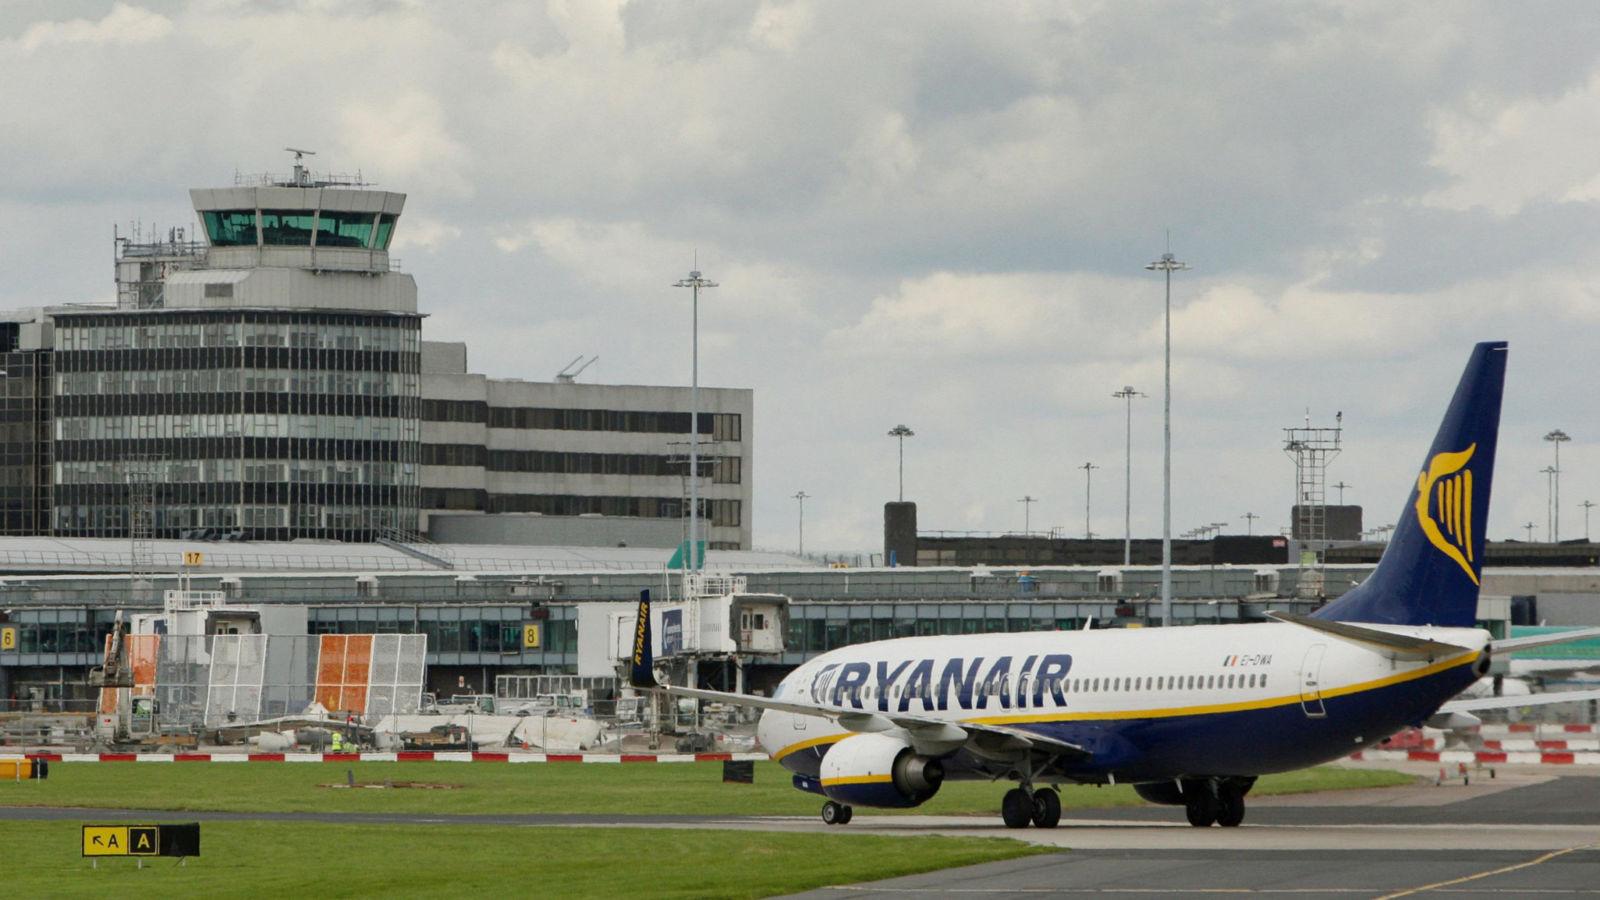 Un vol de Ryanair atterrit à l'aéroport de Manchester. Image du fichier